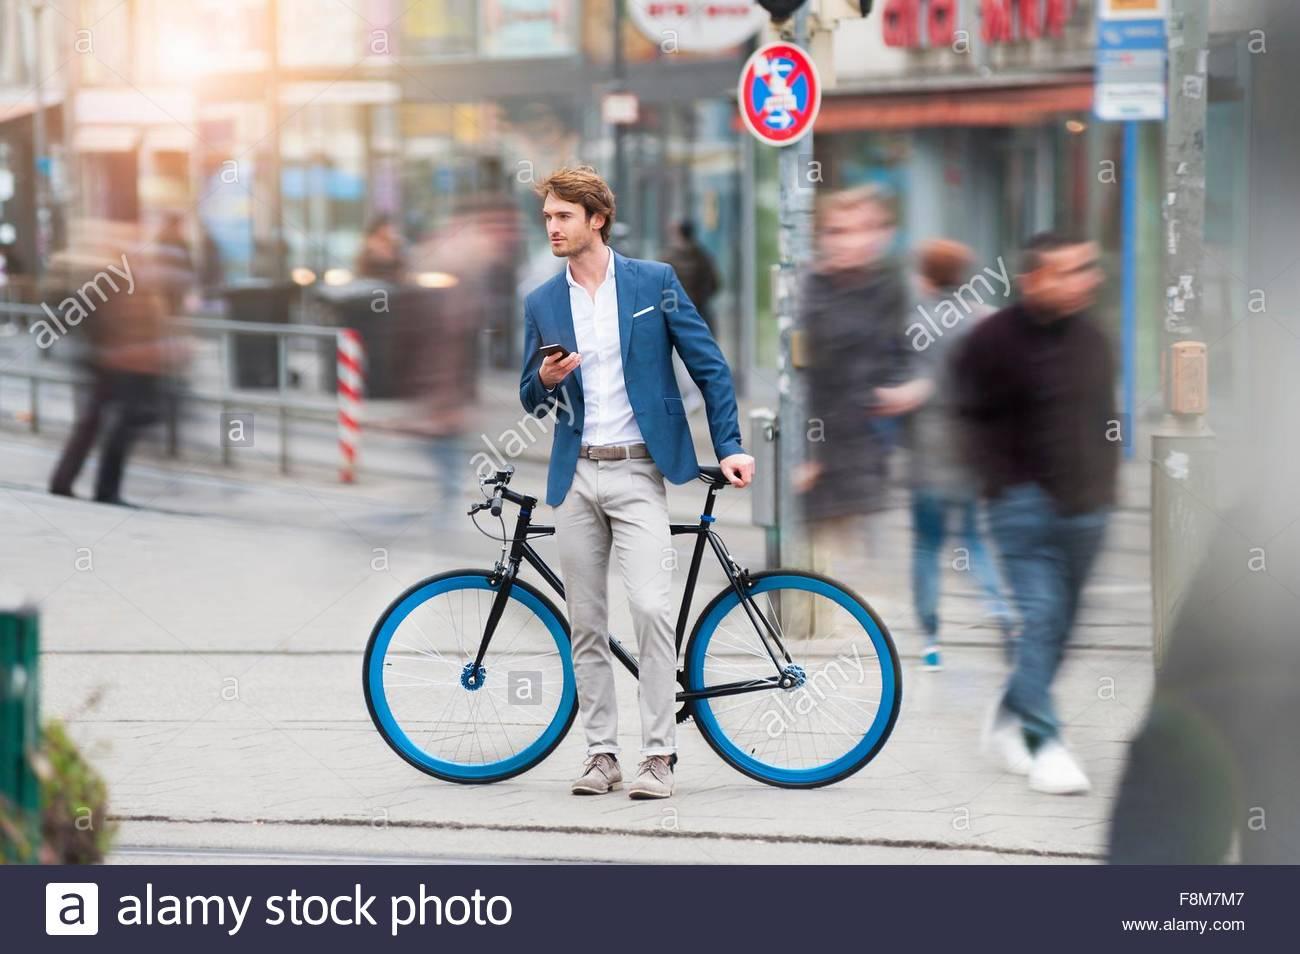 Focus différentiel de jeune homme à bicyclette dans une rue fréquentée holding mobile phone Photo Stock